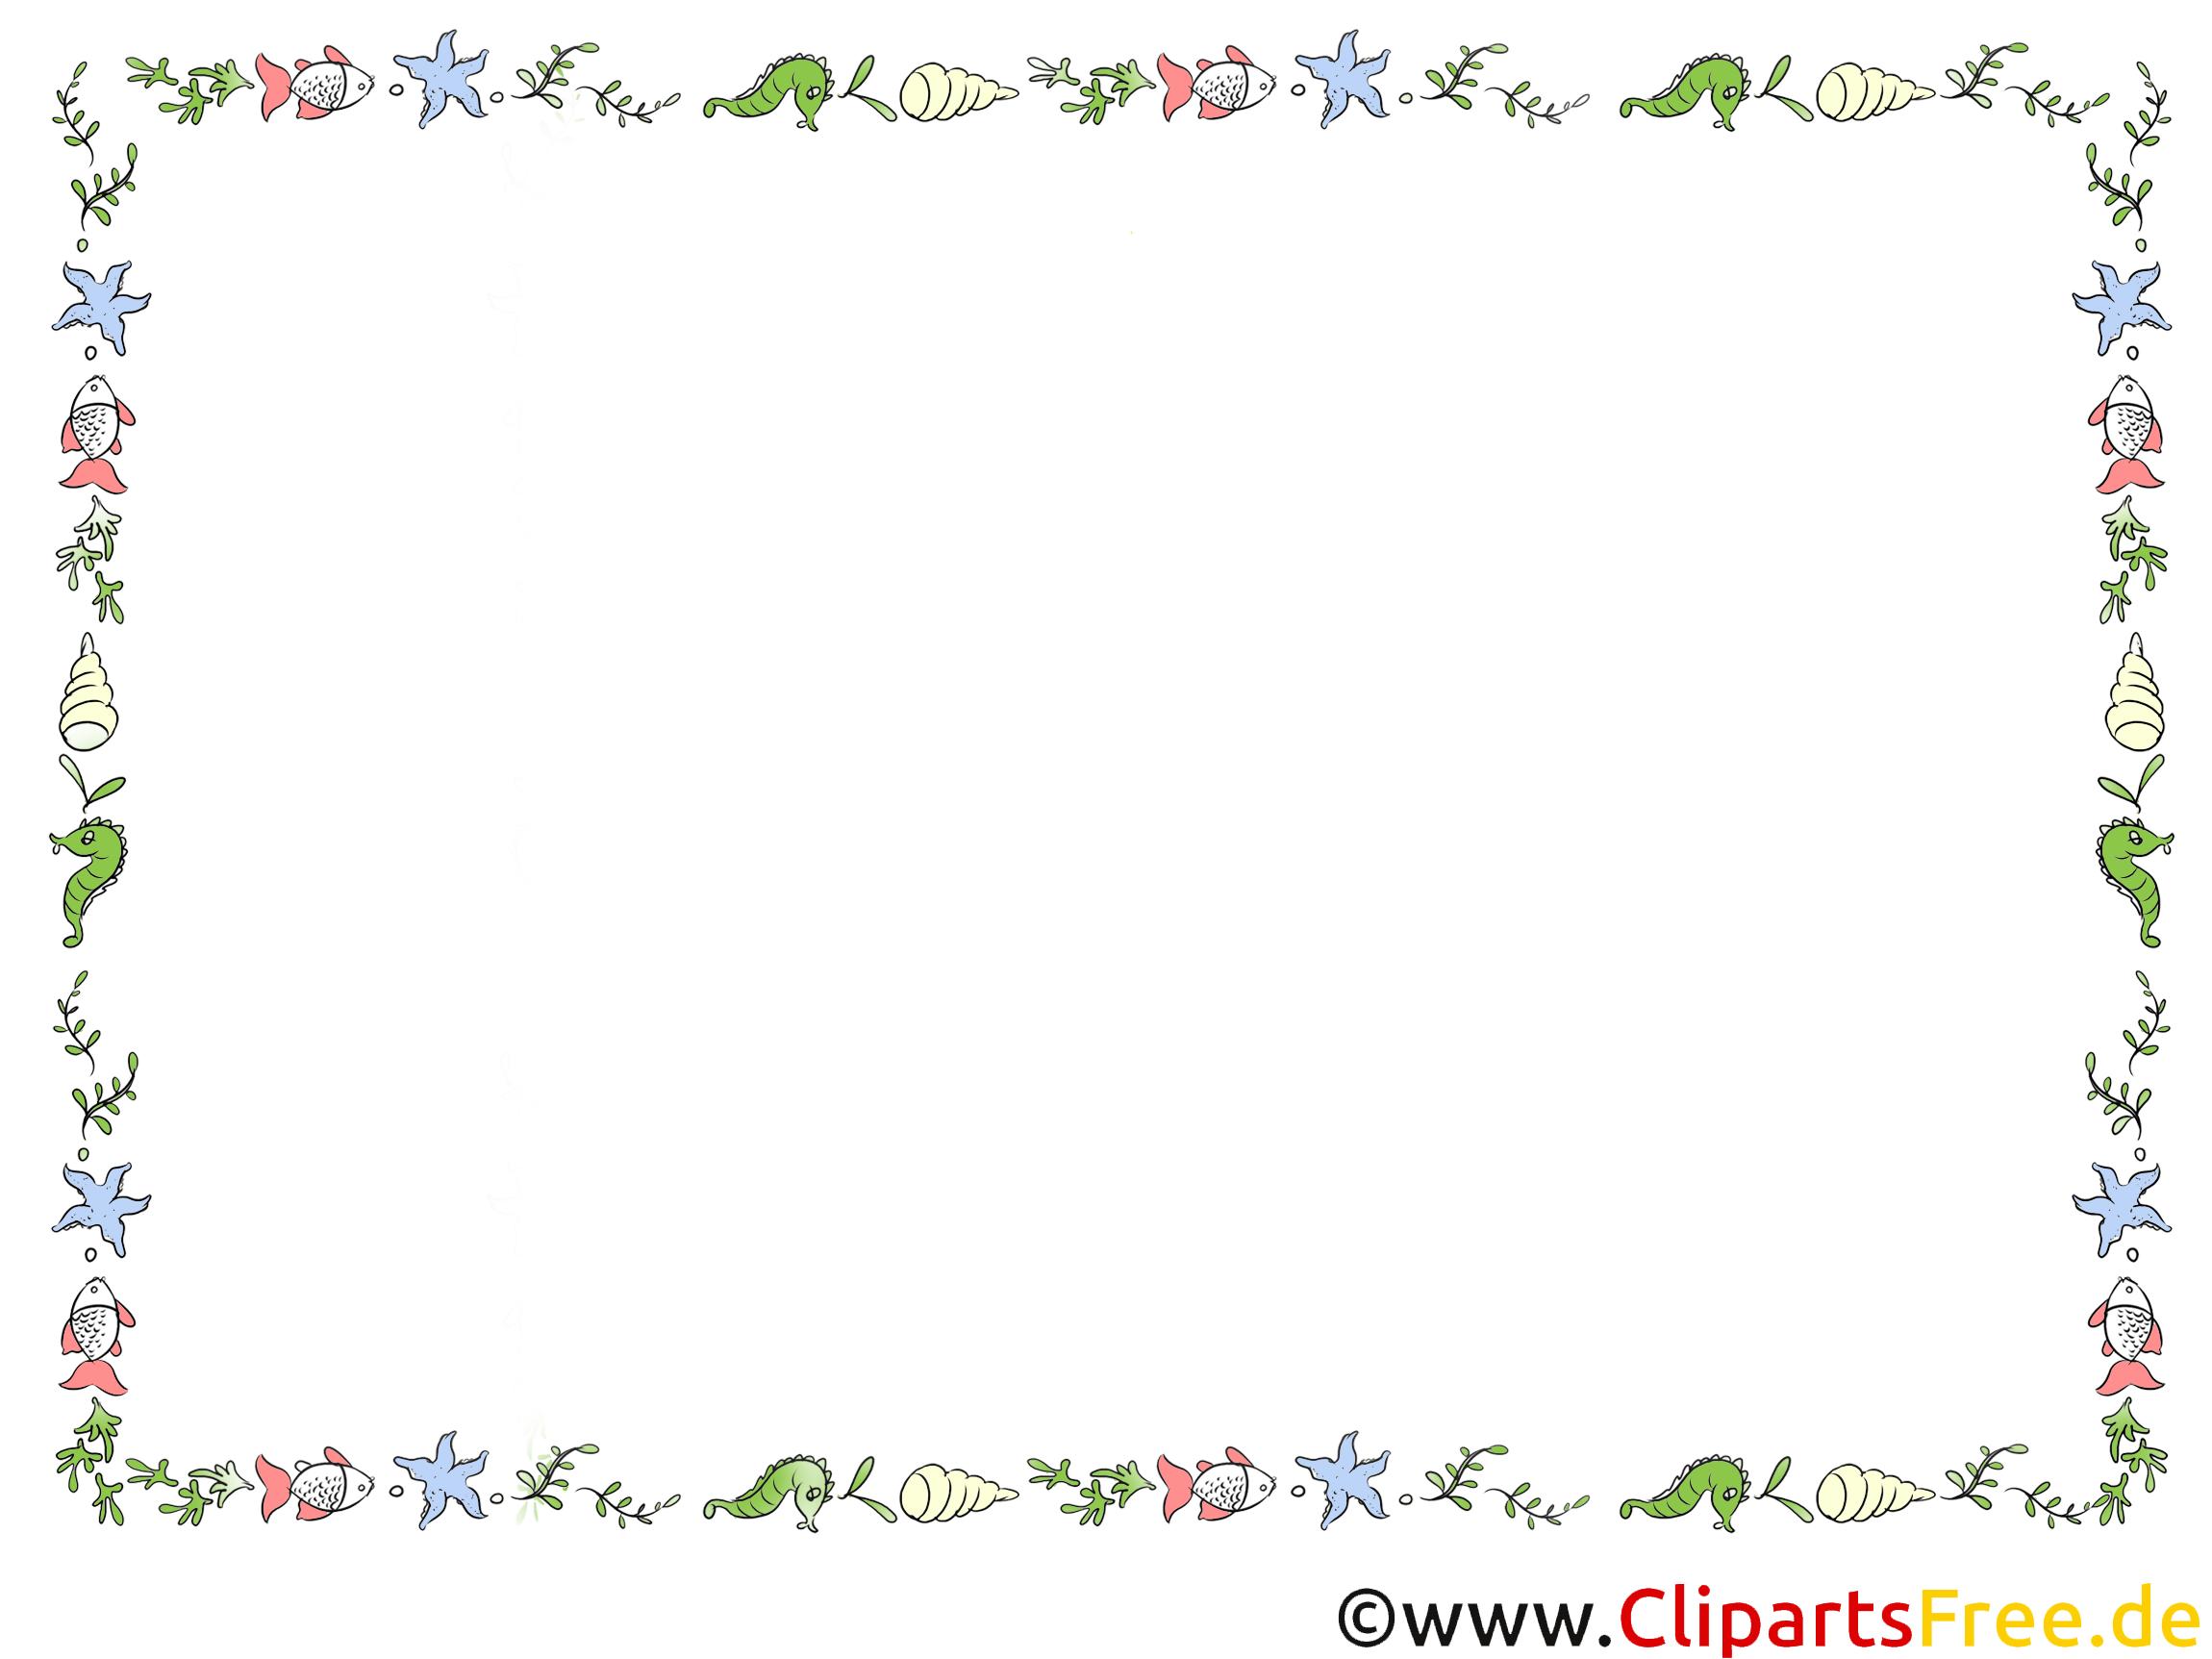 Rahmen Clipart Word kostenlos